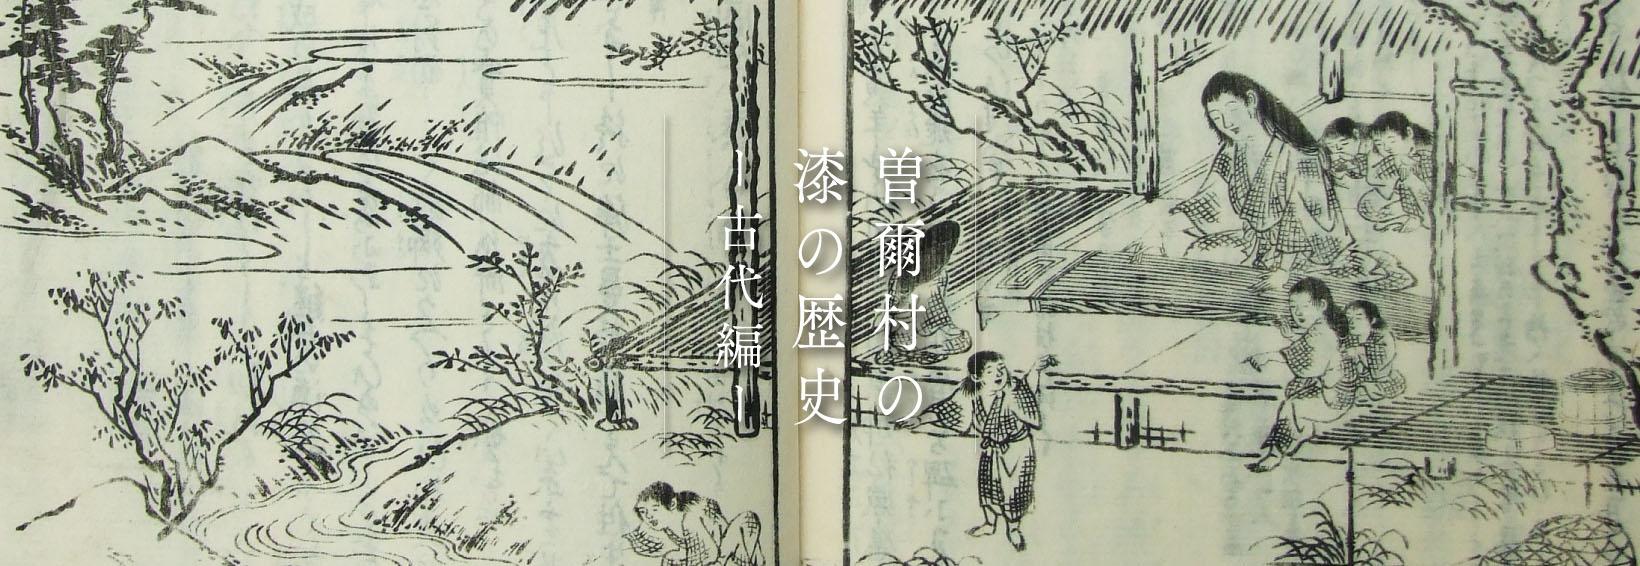 曽爾村の漆の歴史 -古代編-